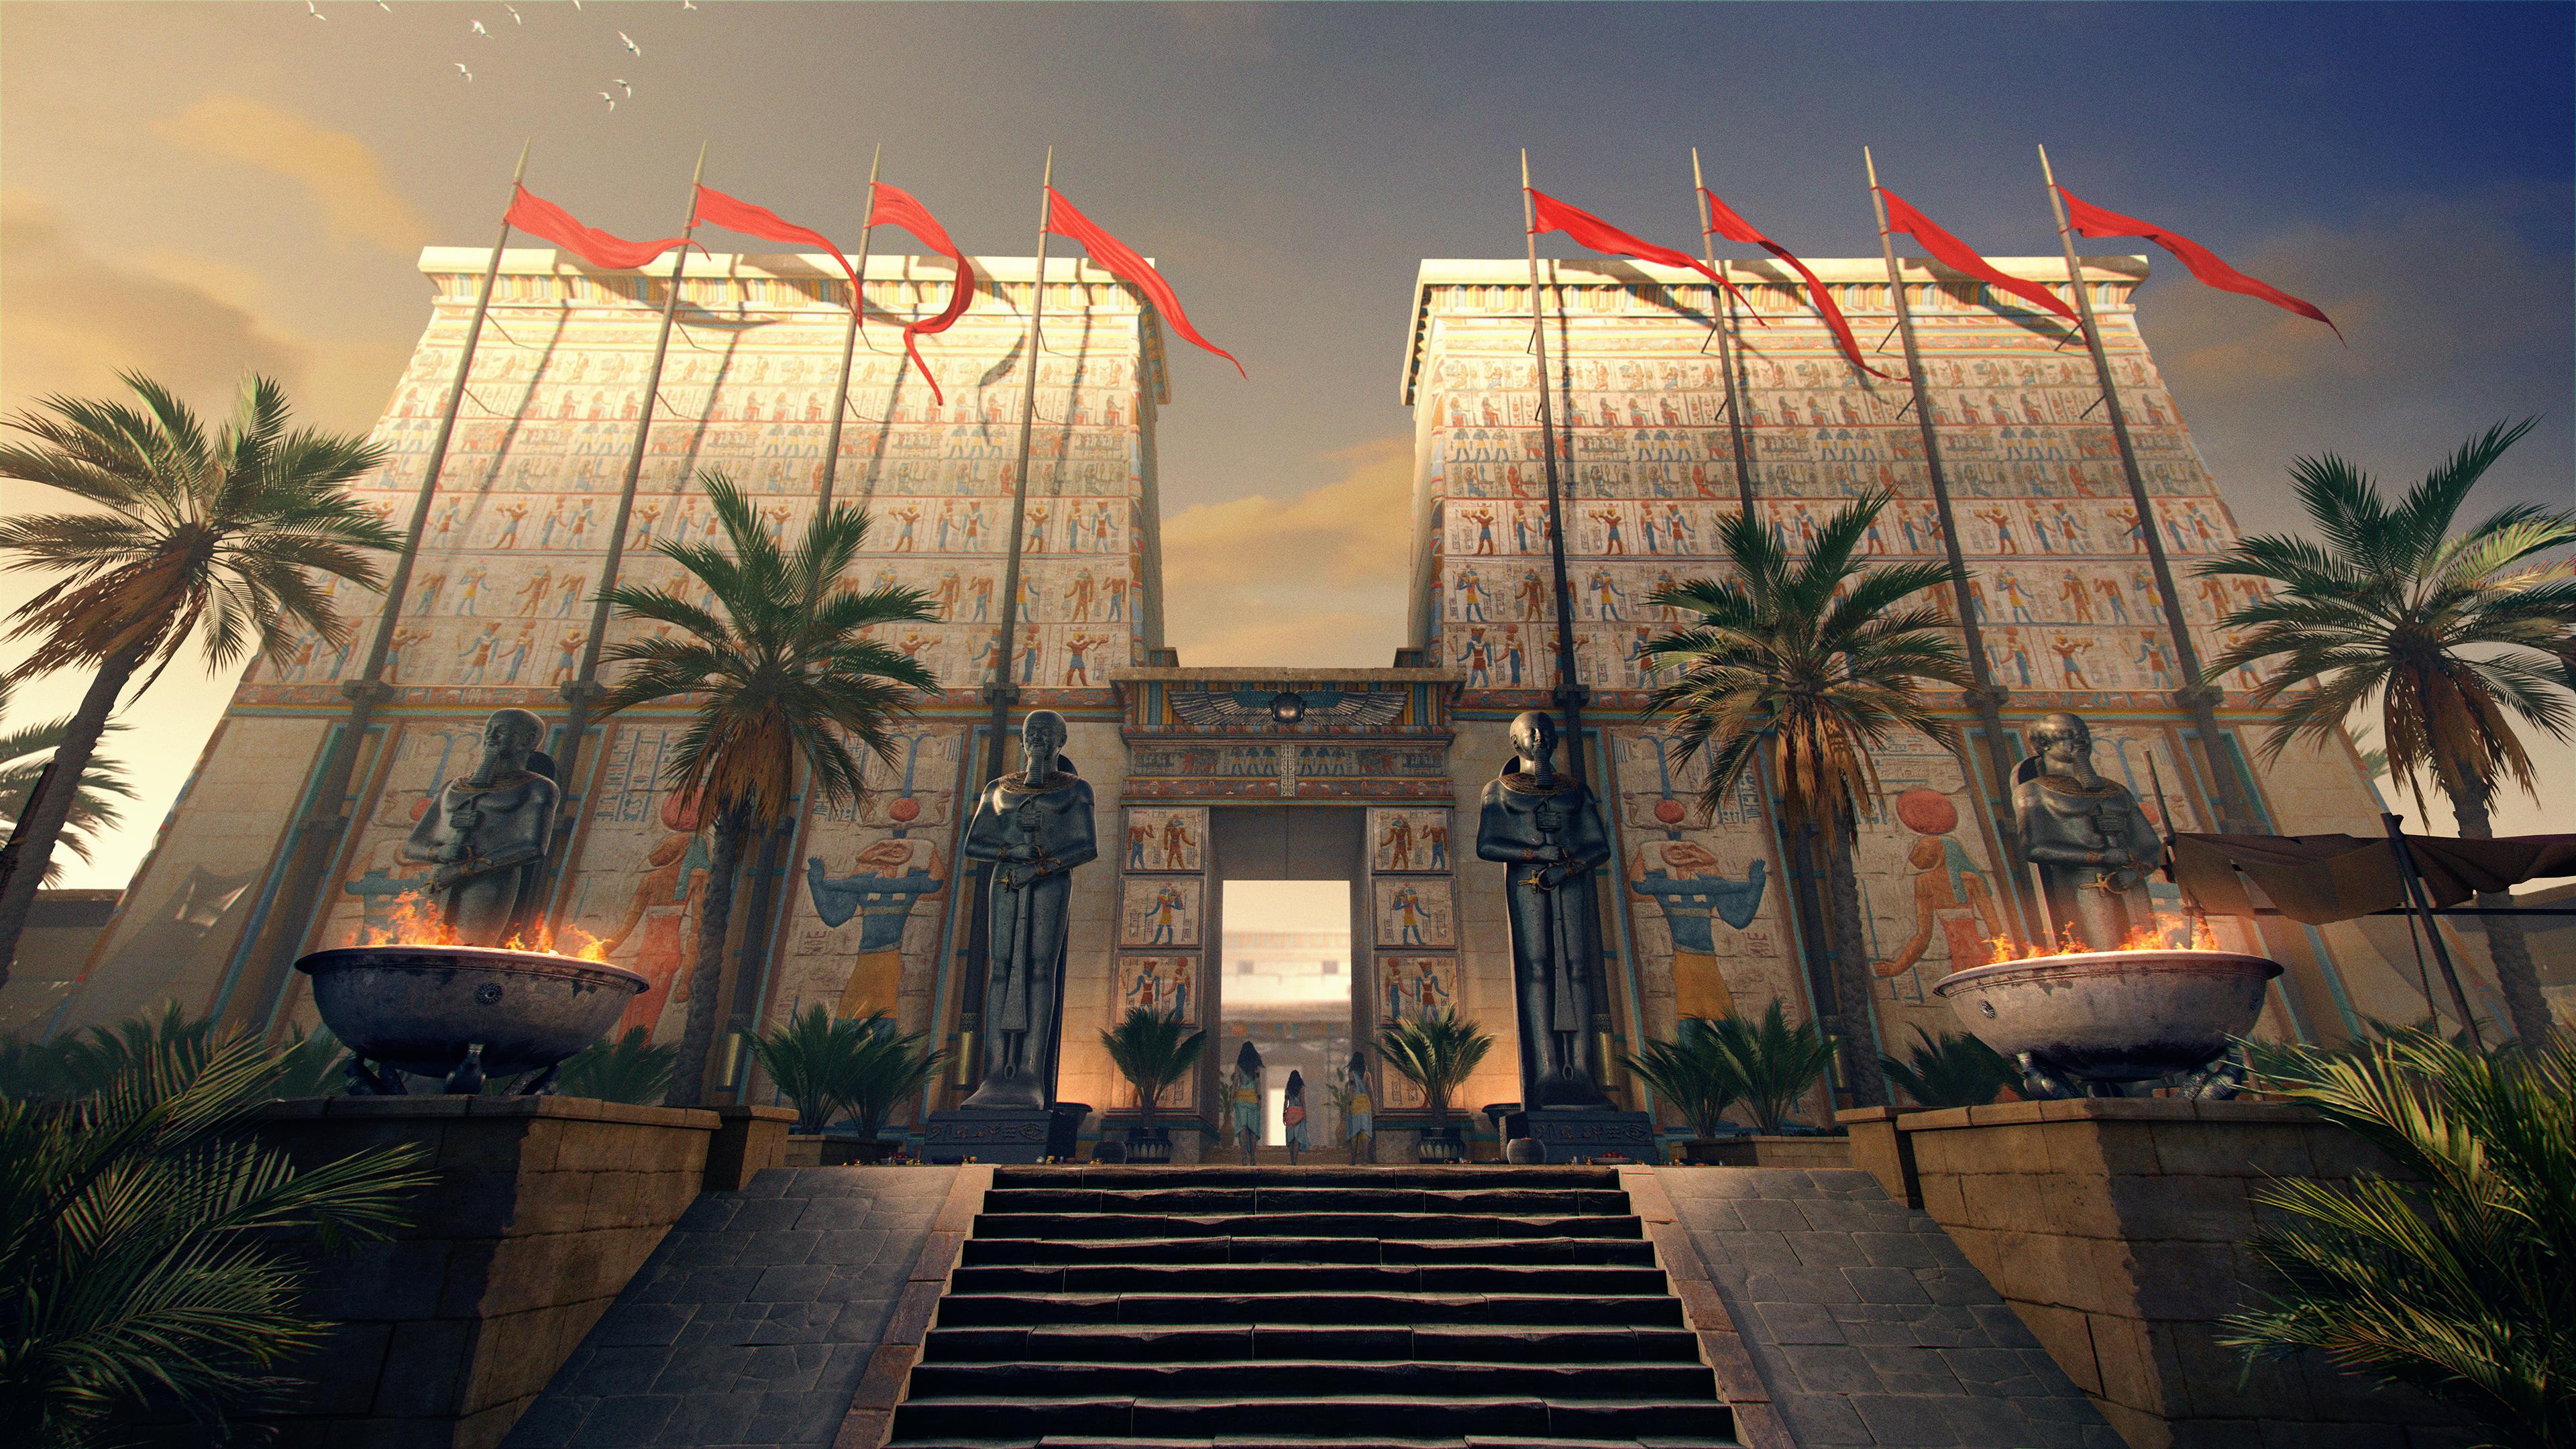 Assassin's Creed: Origins – Q&A